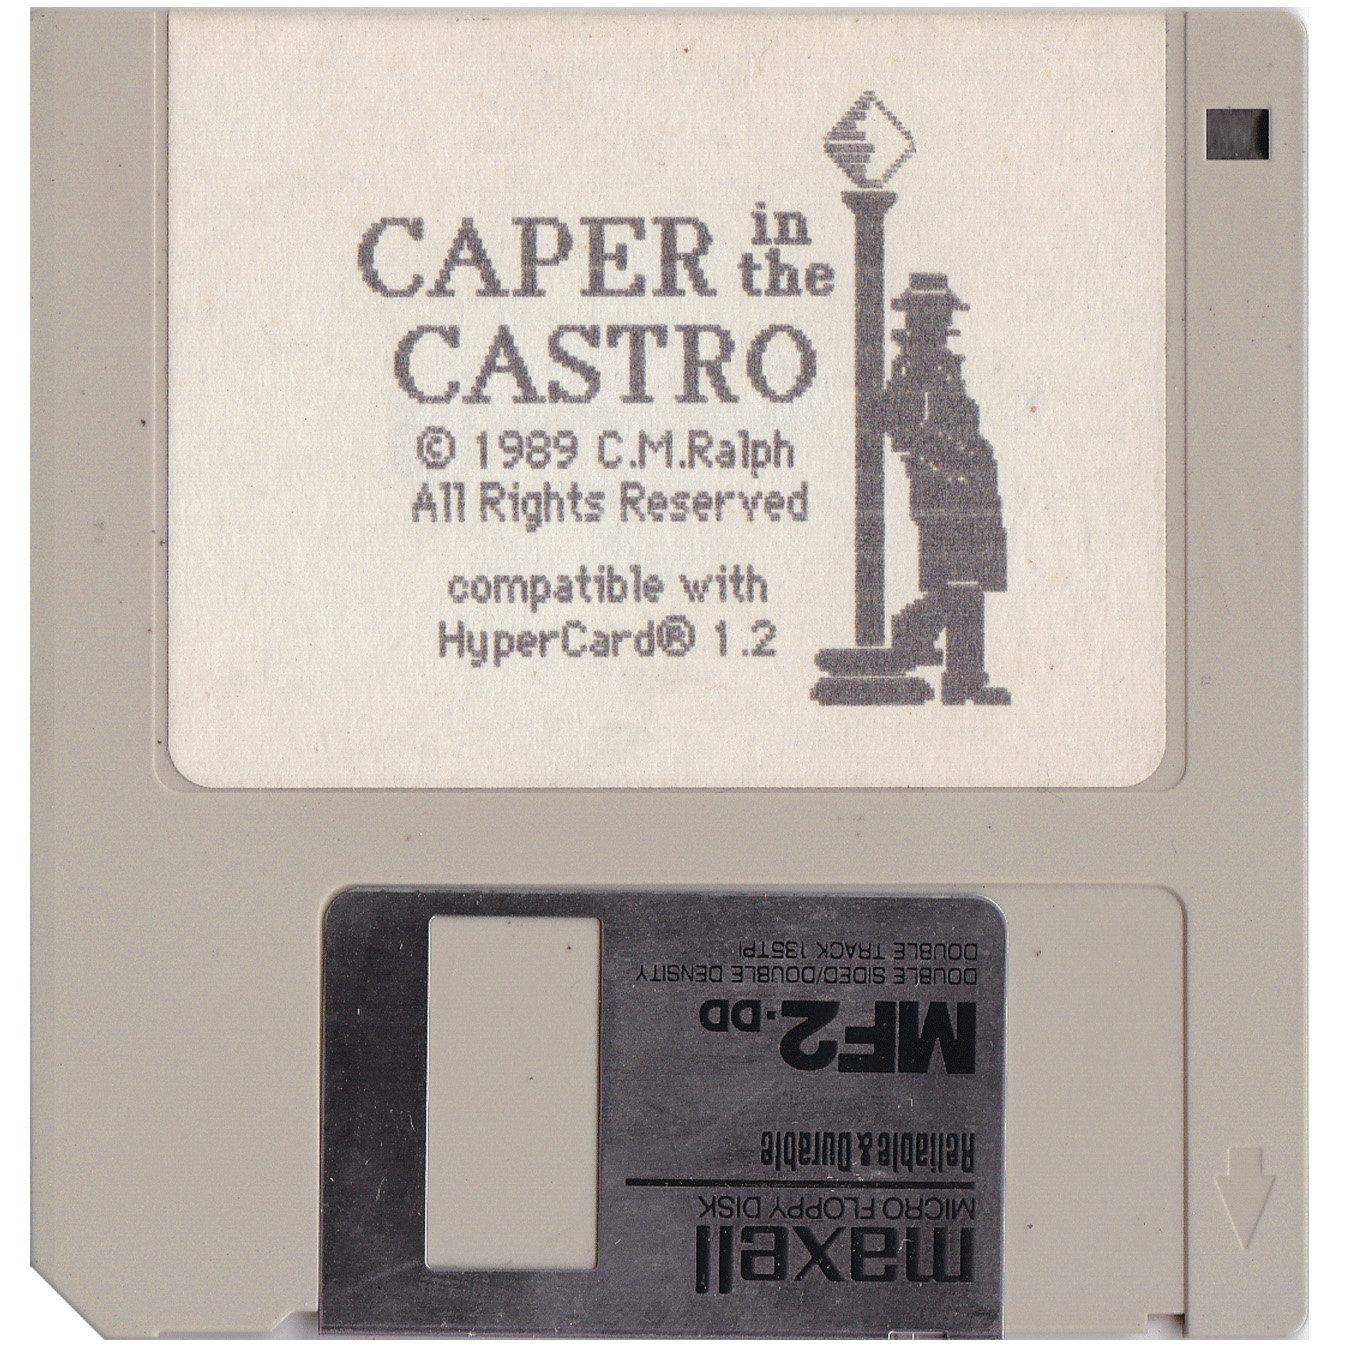 Caper in the Castro (1989): Original Disc. Developer: C.M.Ralph. Source: Private Collection of C.M.Ralph